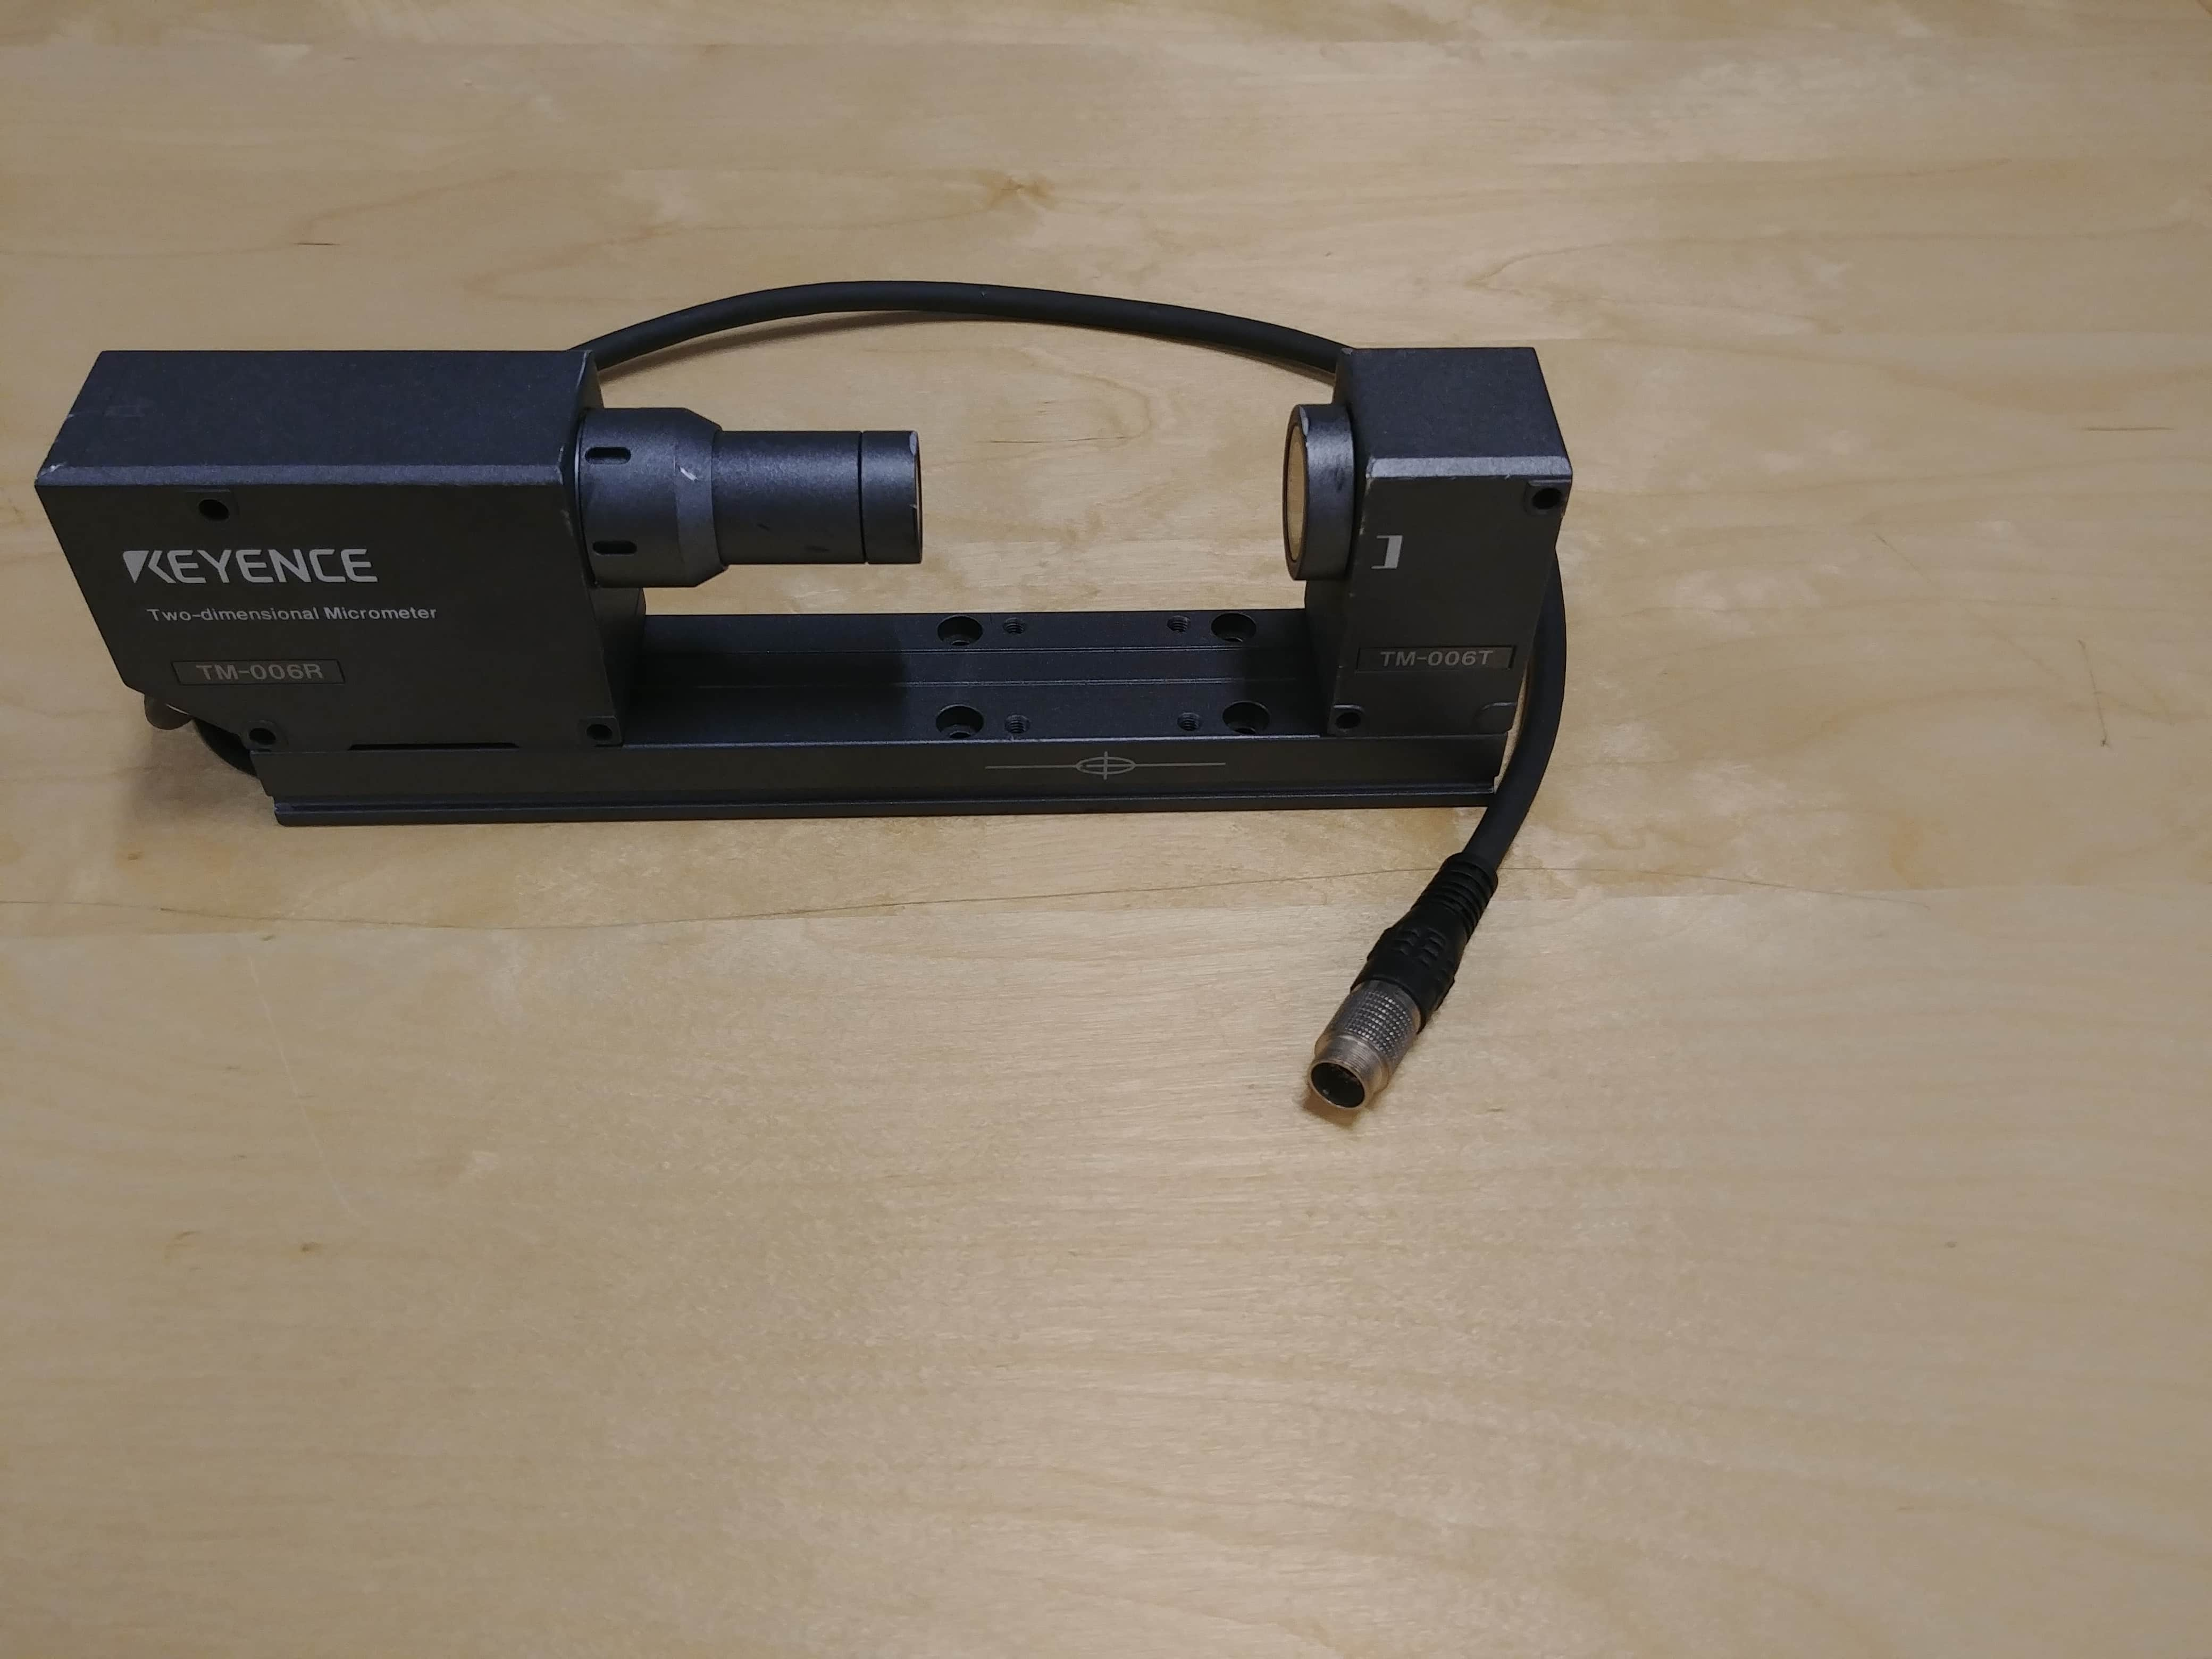 Keyence TM-006 Two dimensional Micrometer